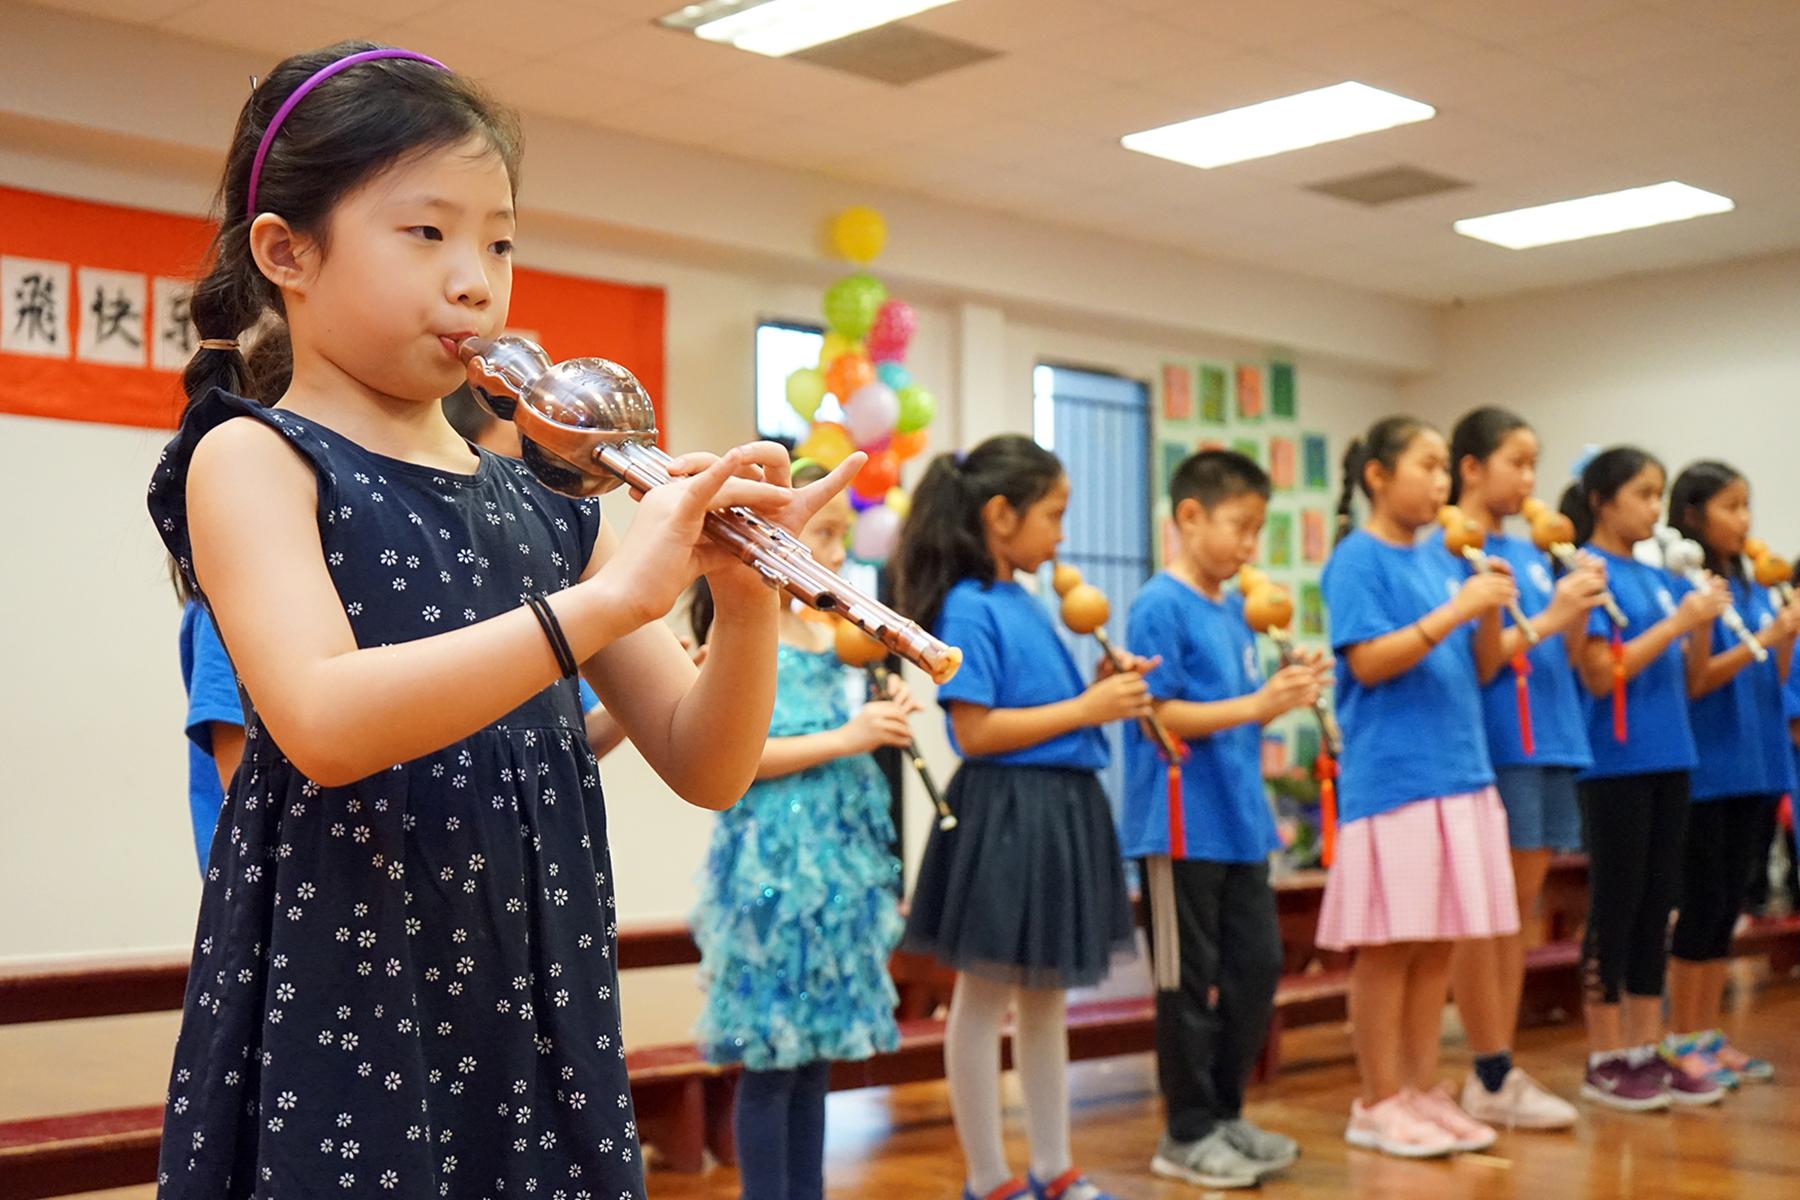 夏令營的同學表演《葫蘆絲串燒》。(記者賈忠/攝影)